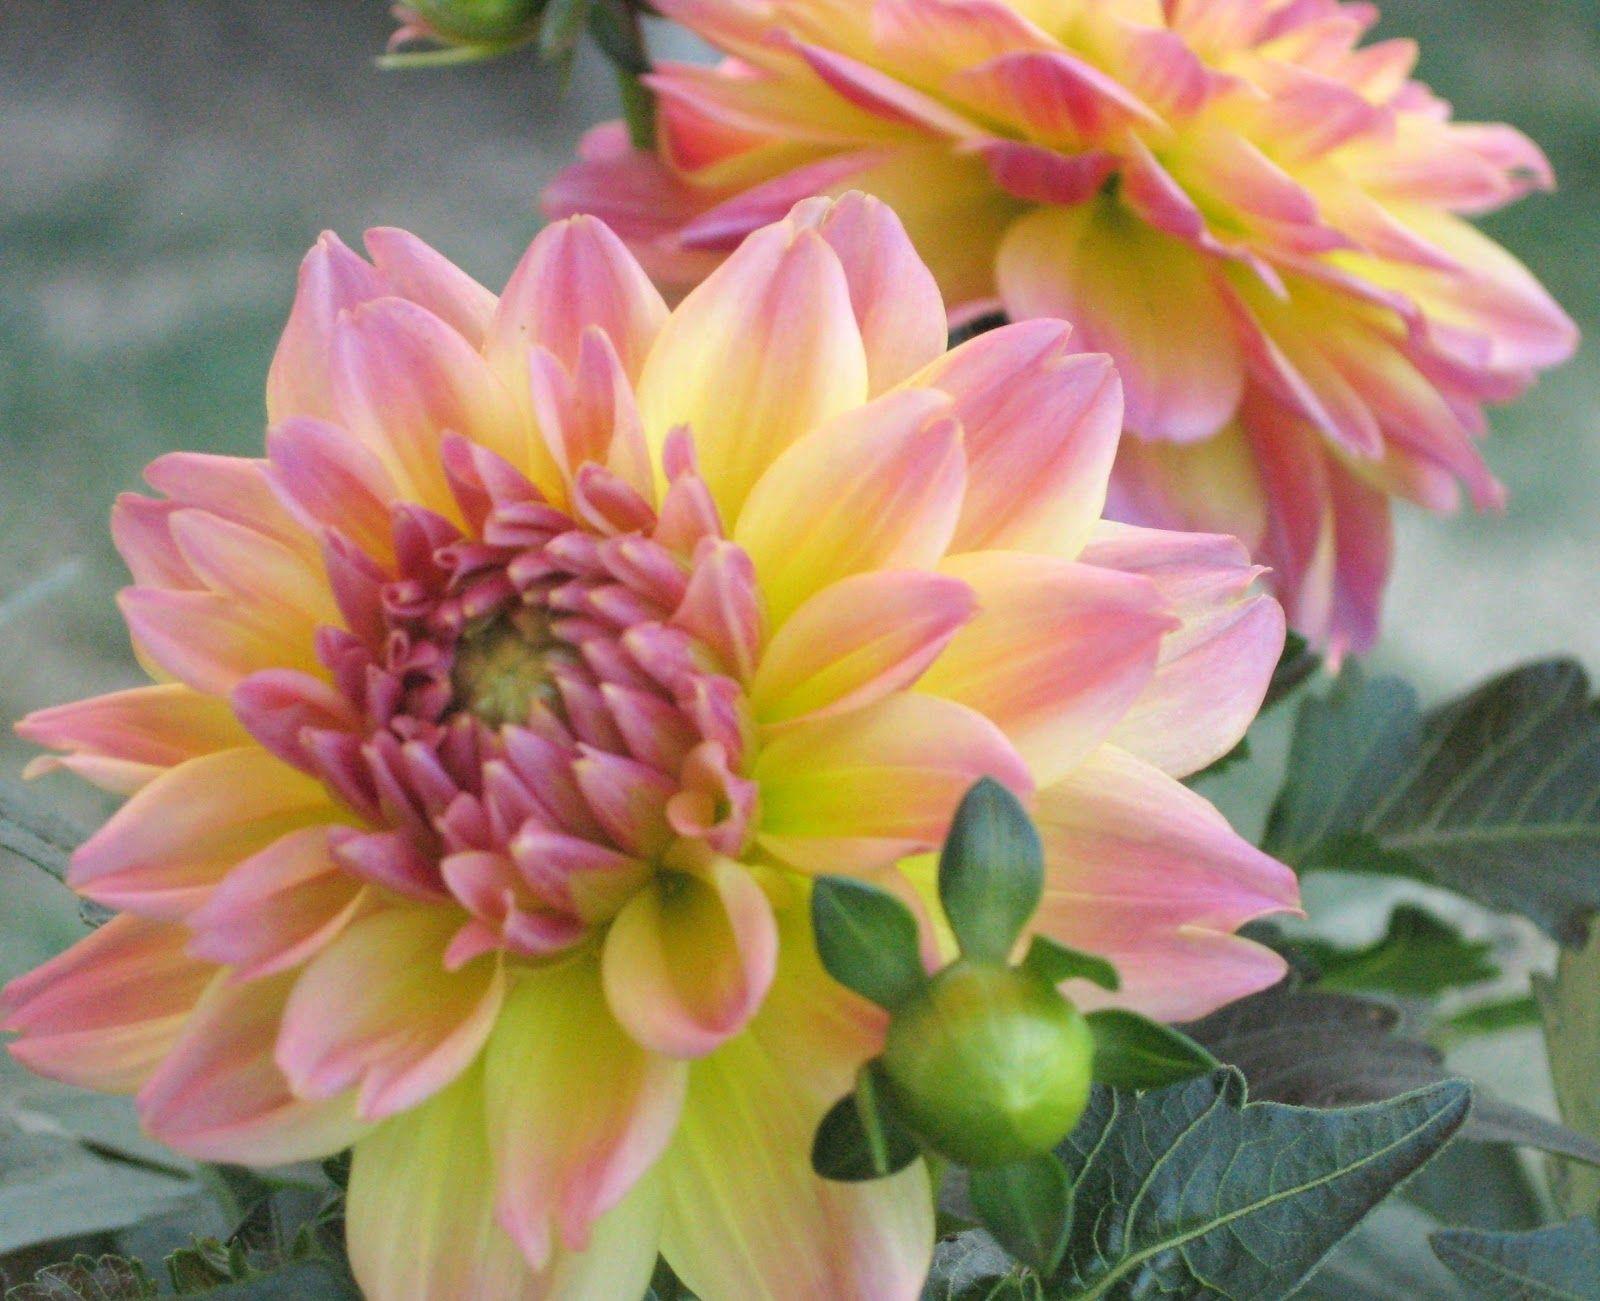 Pin by jill monson on beautiful flowers pinterest beautiful flowers beautiful flowers izmirmasajfo